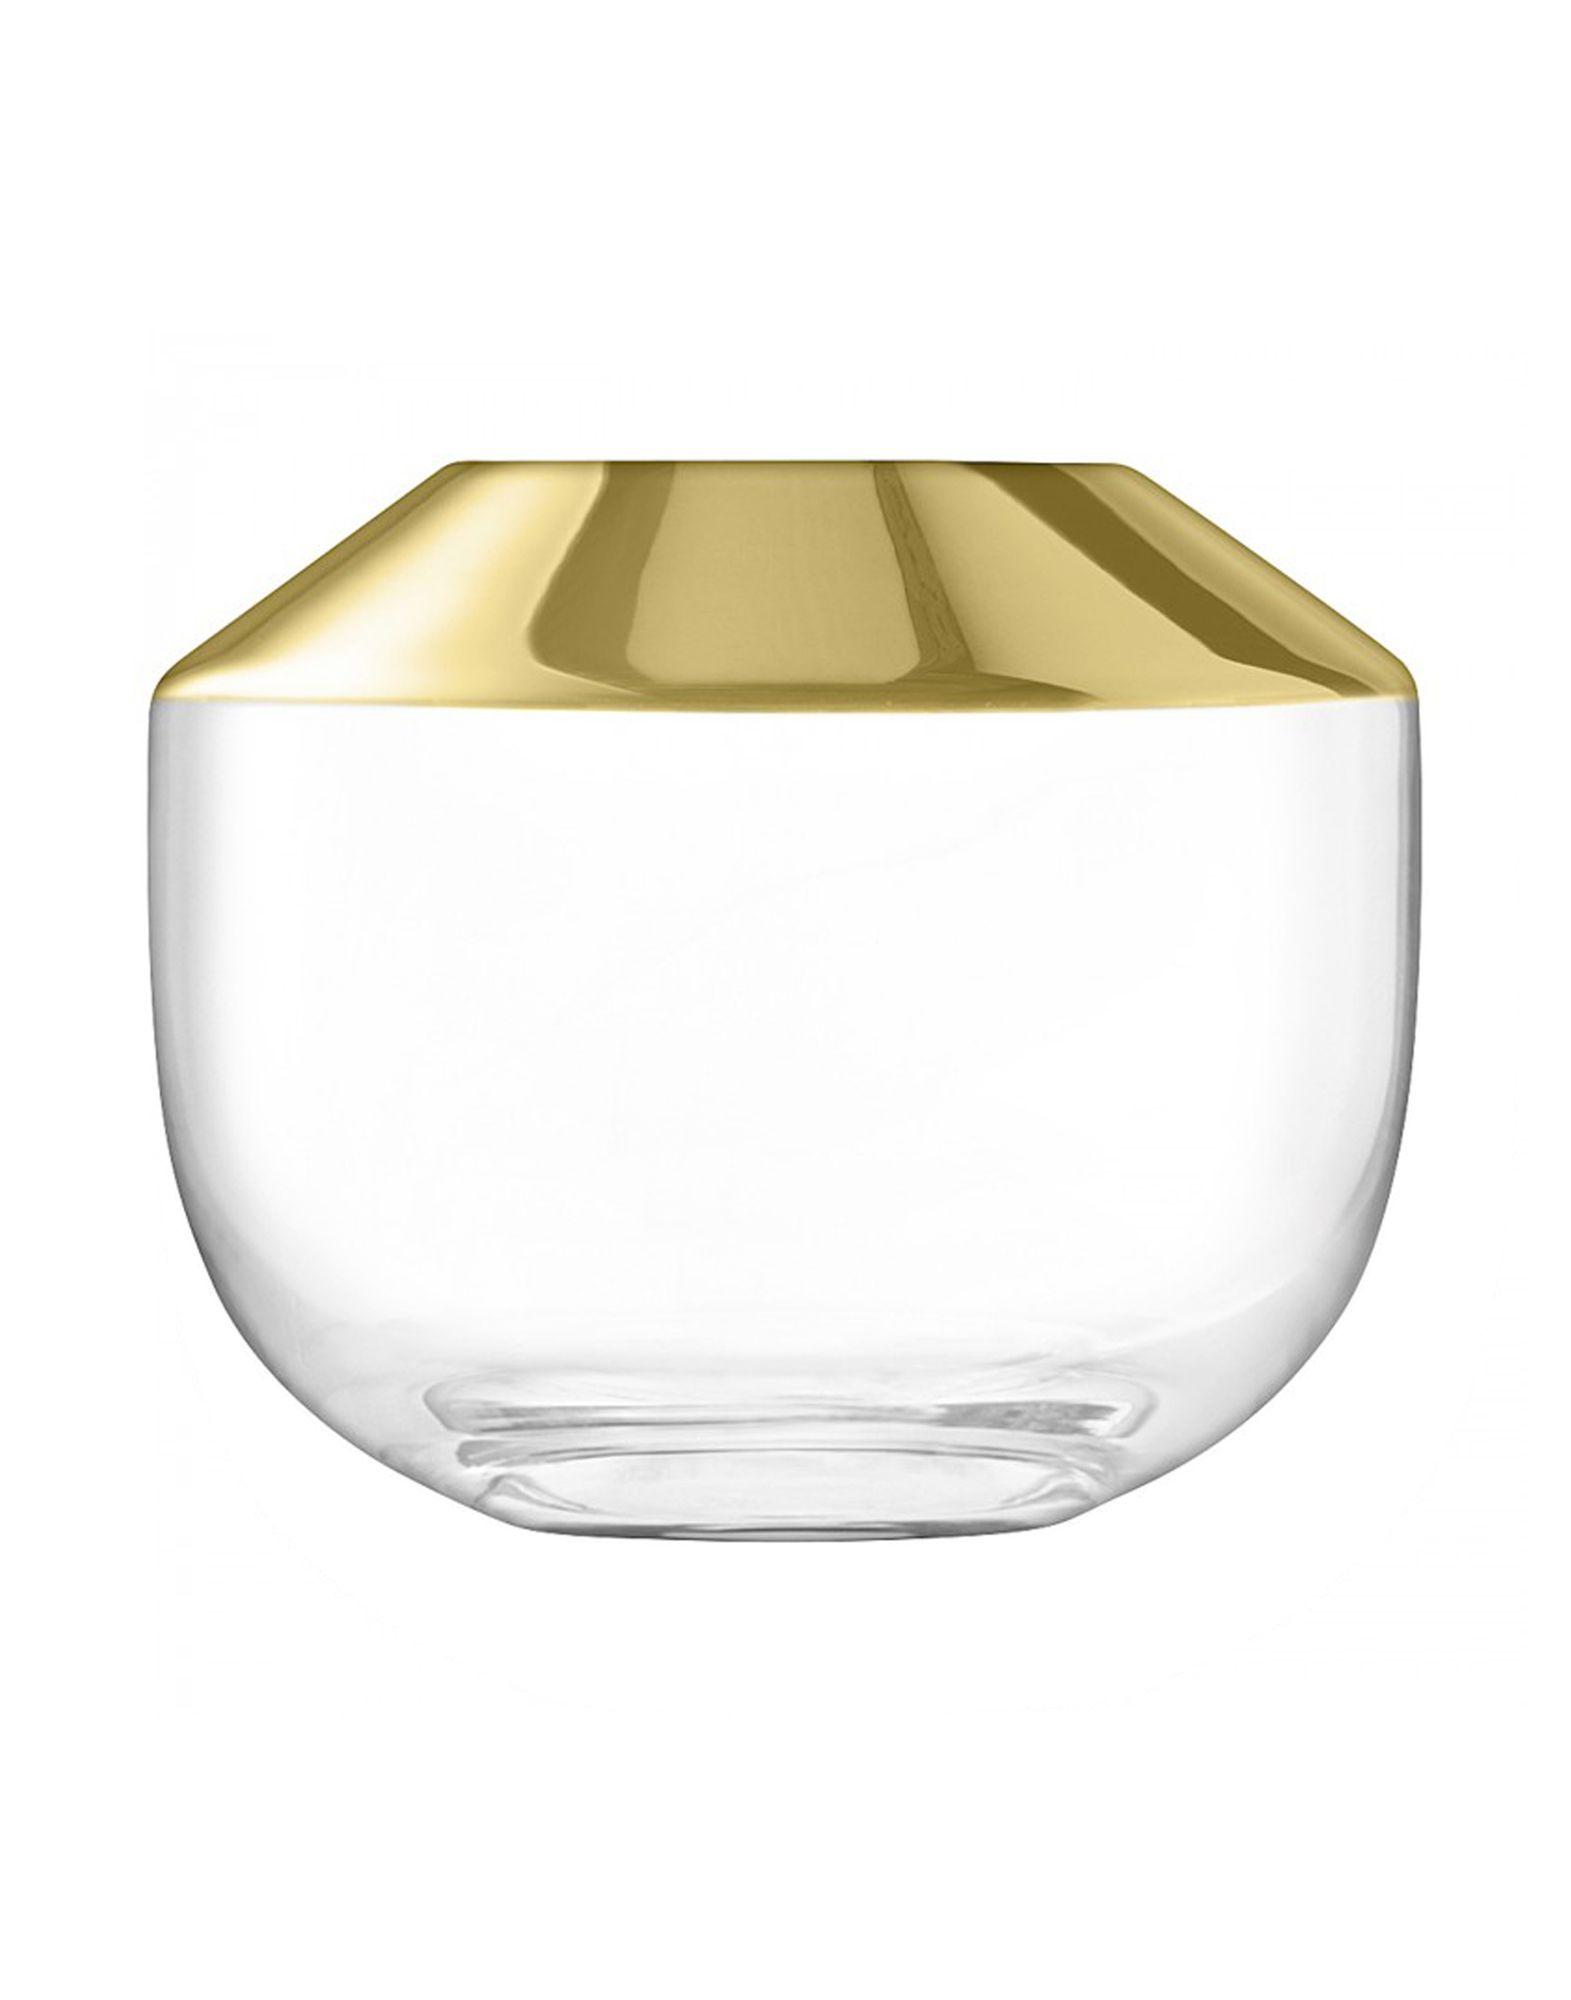 《期間限定セール開催中!》LSA Unisex ベース ゴールド ガラス Space Vase